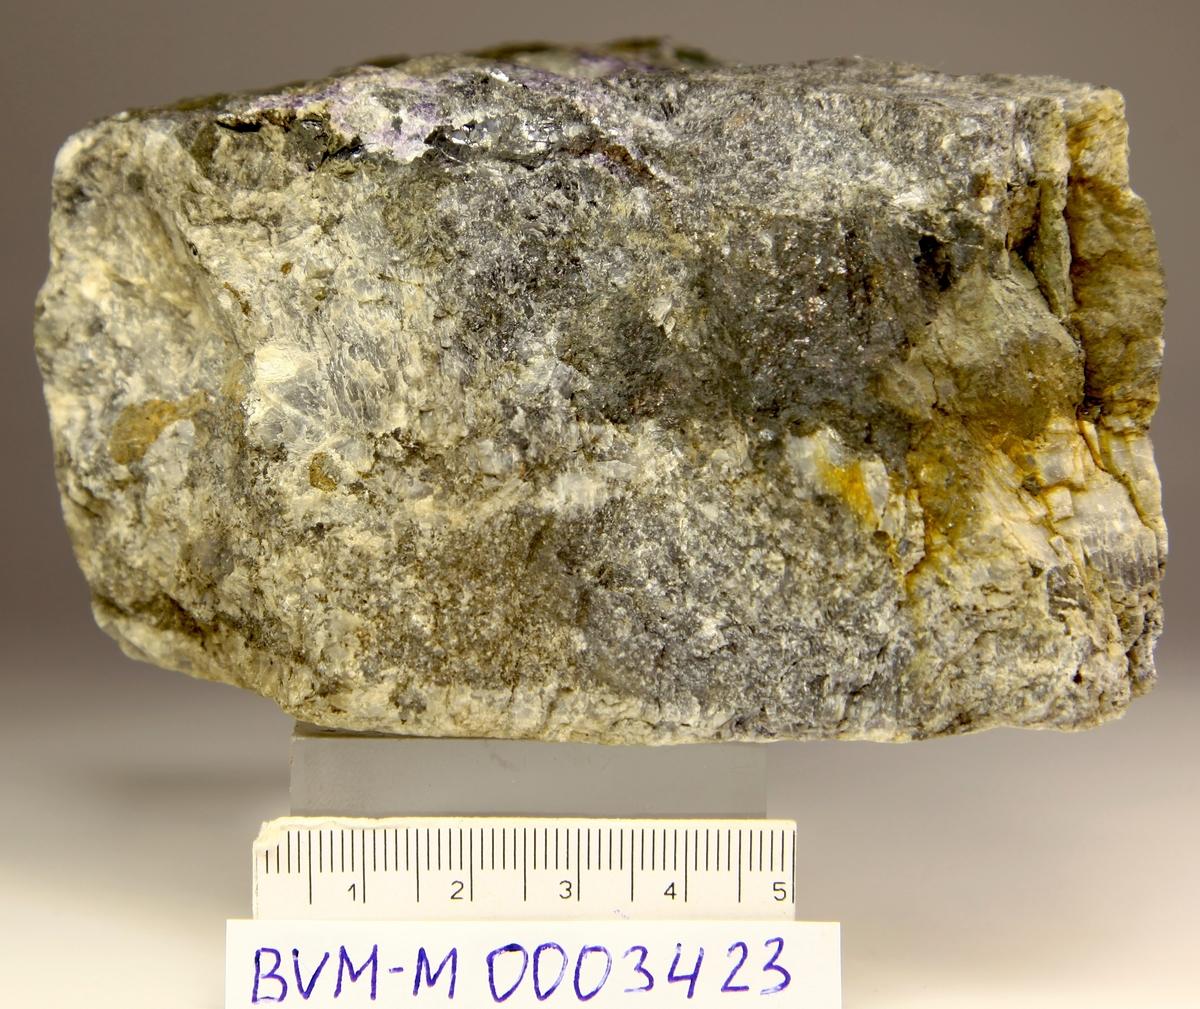 Sølv, rikt gangstykke med mange mineraler, kalsitt, Ag, sl, f, flusspat + + glideflater? Tipp Klausstollen.